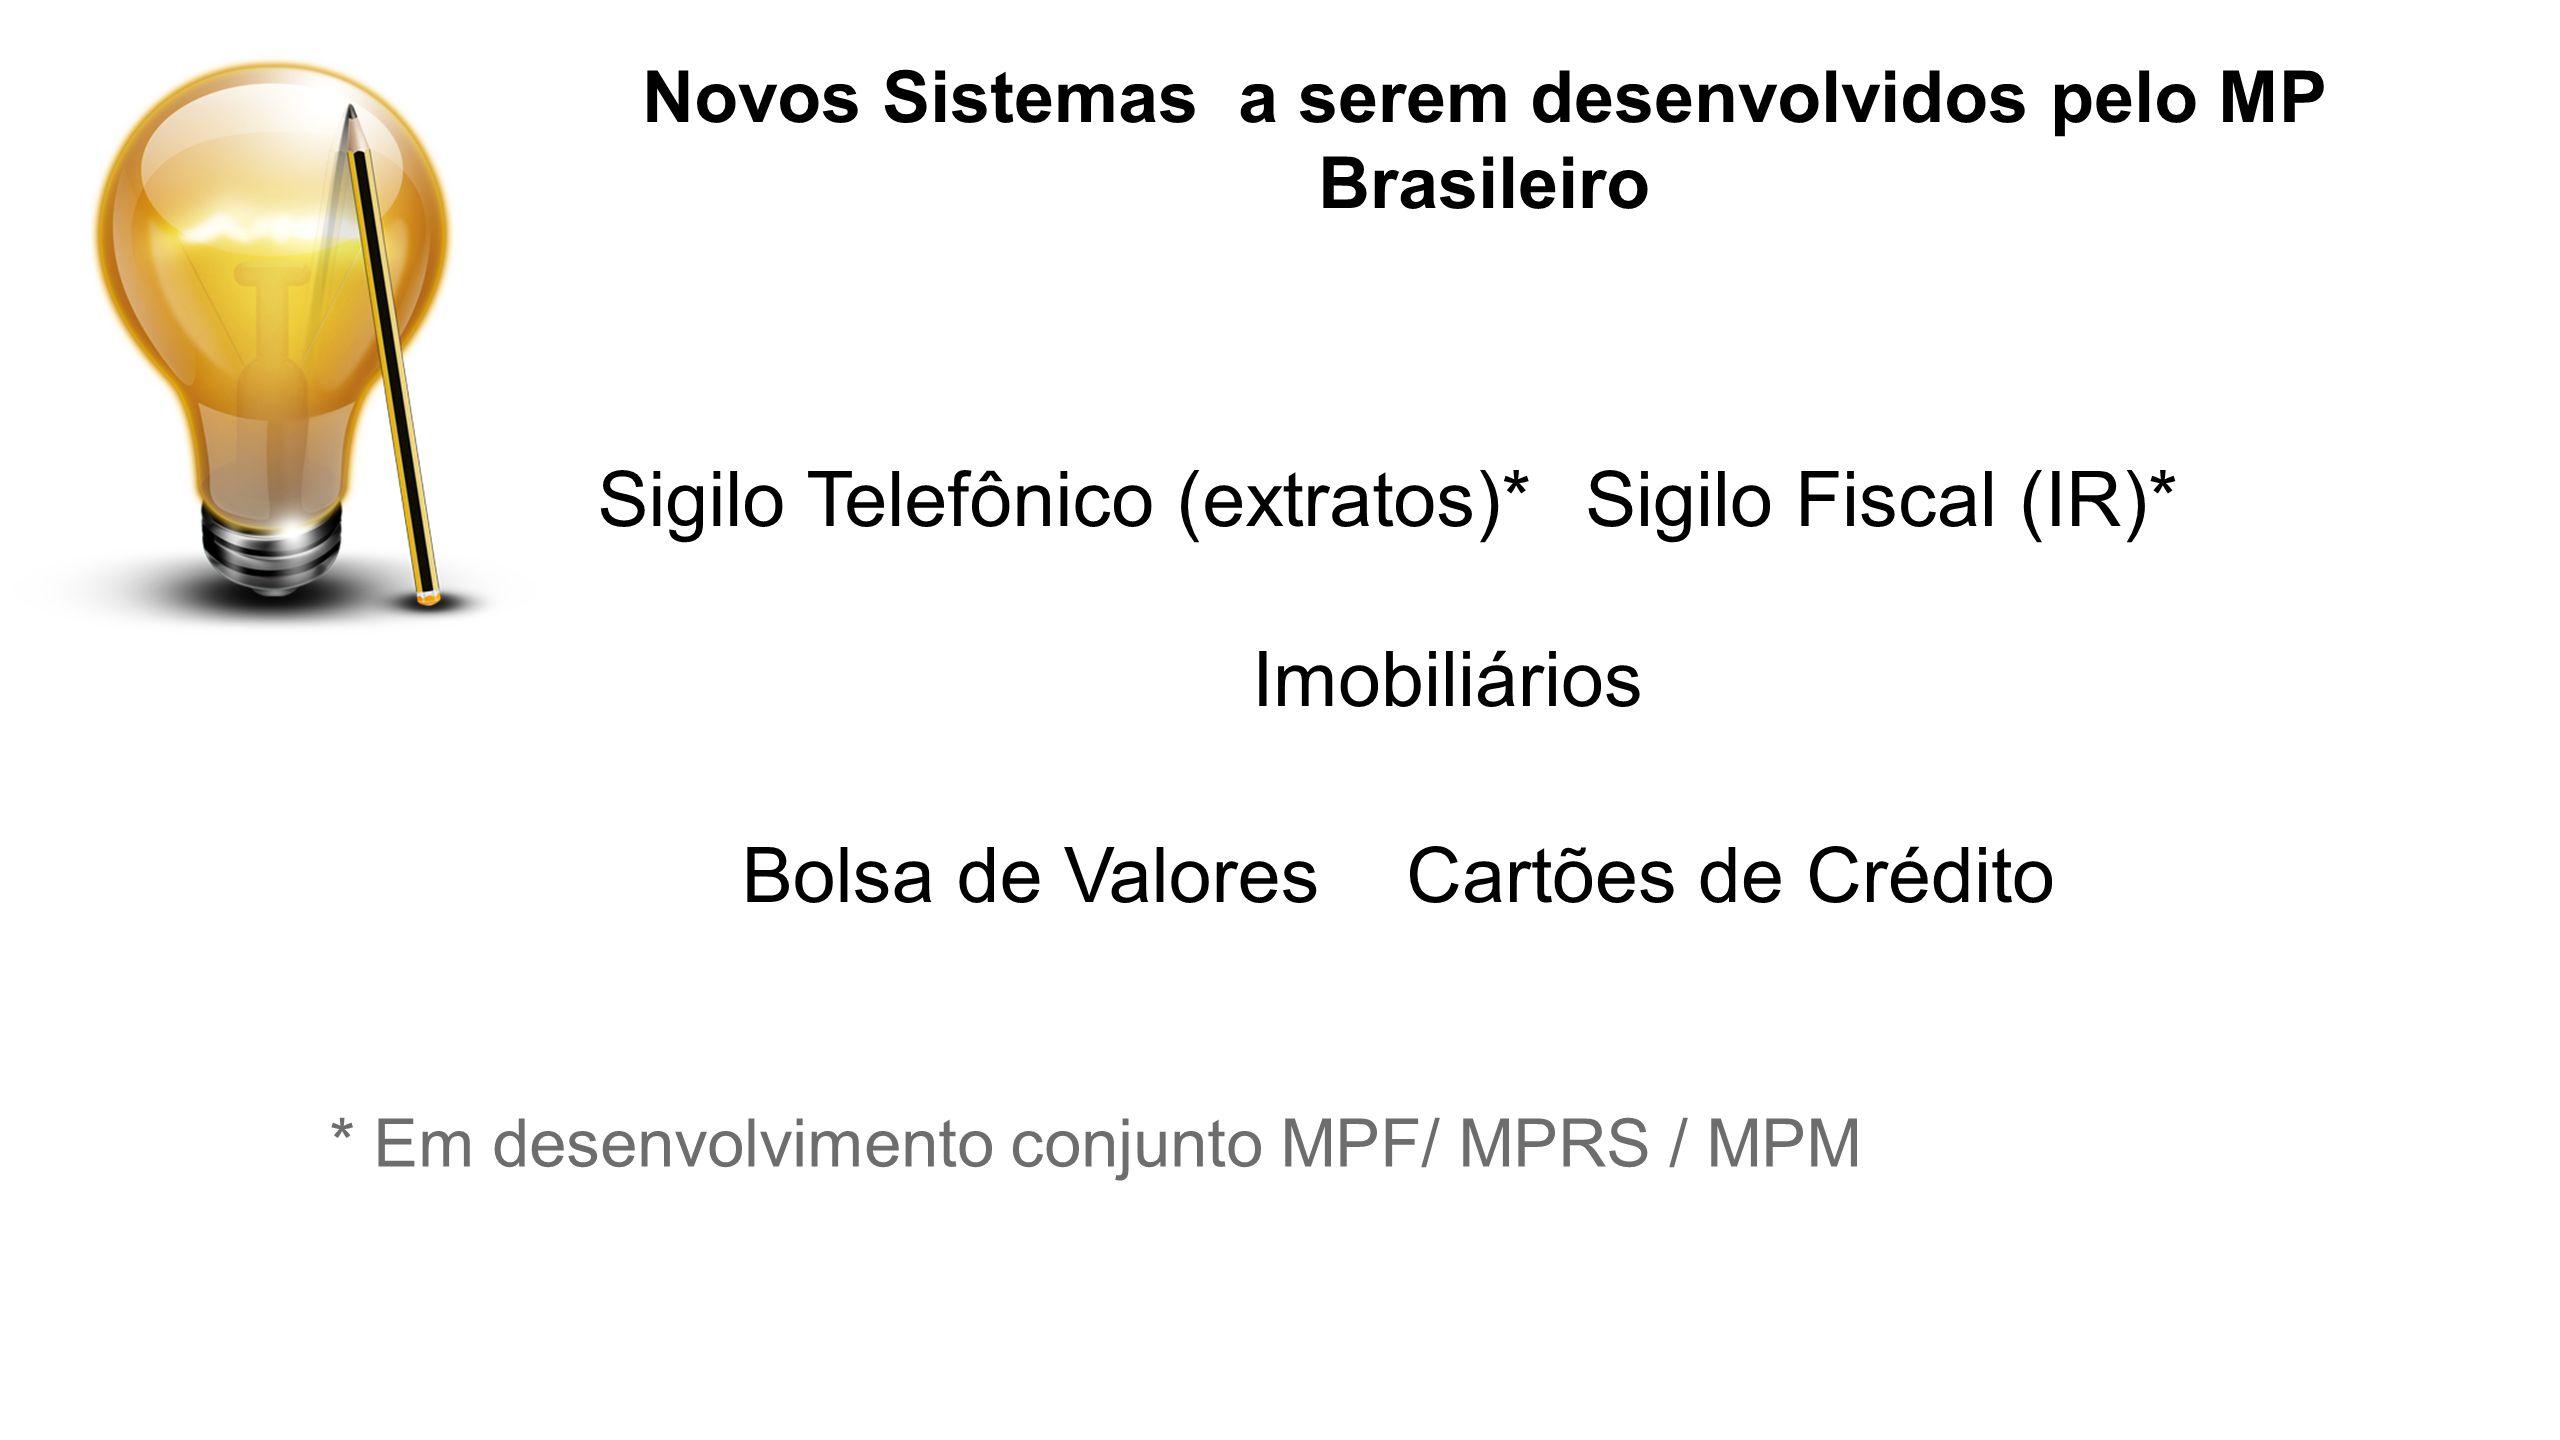 Sigilo Telefônico (extratos)*Sigilo Fiscal (IR)* Bolsa de Valores Imobiliários Cartões de Crédito Novos Sistemas a serem desenvolvidos pelo MP Brasile